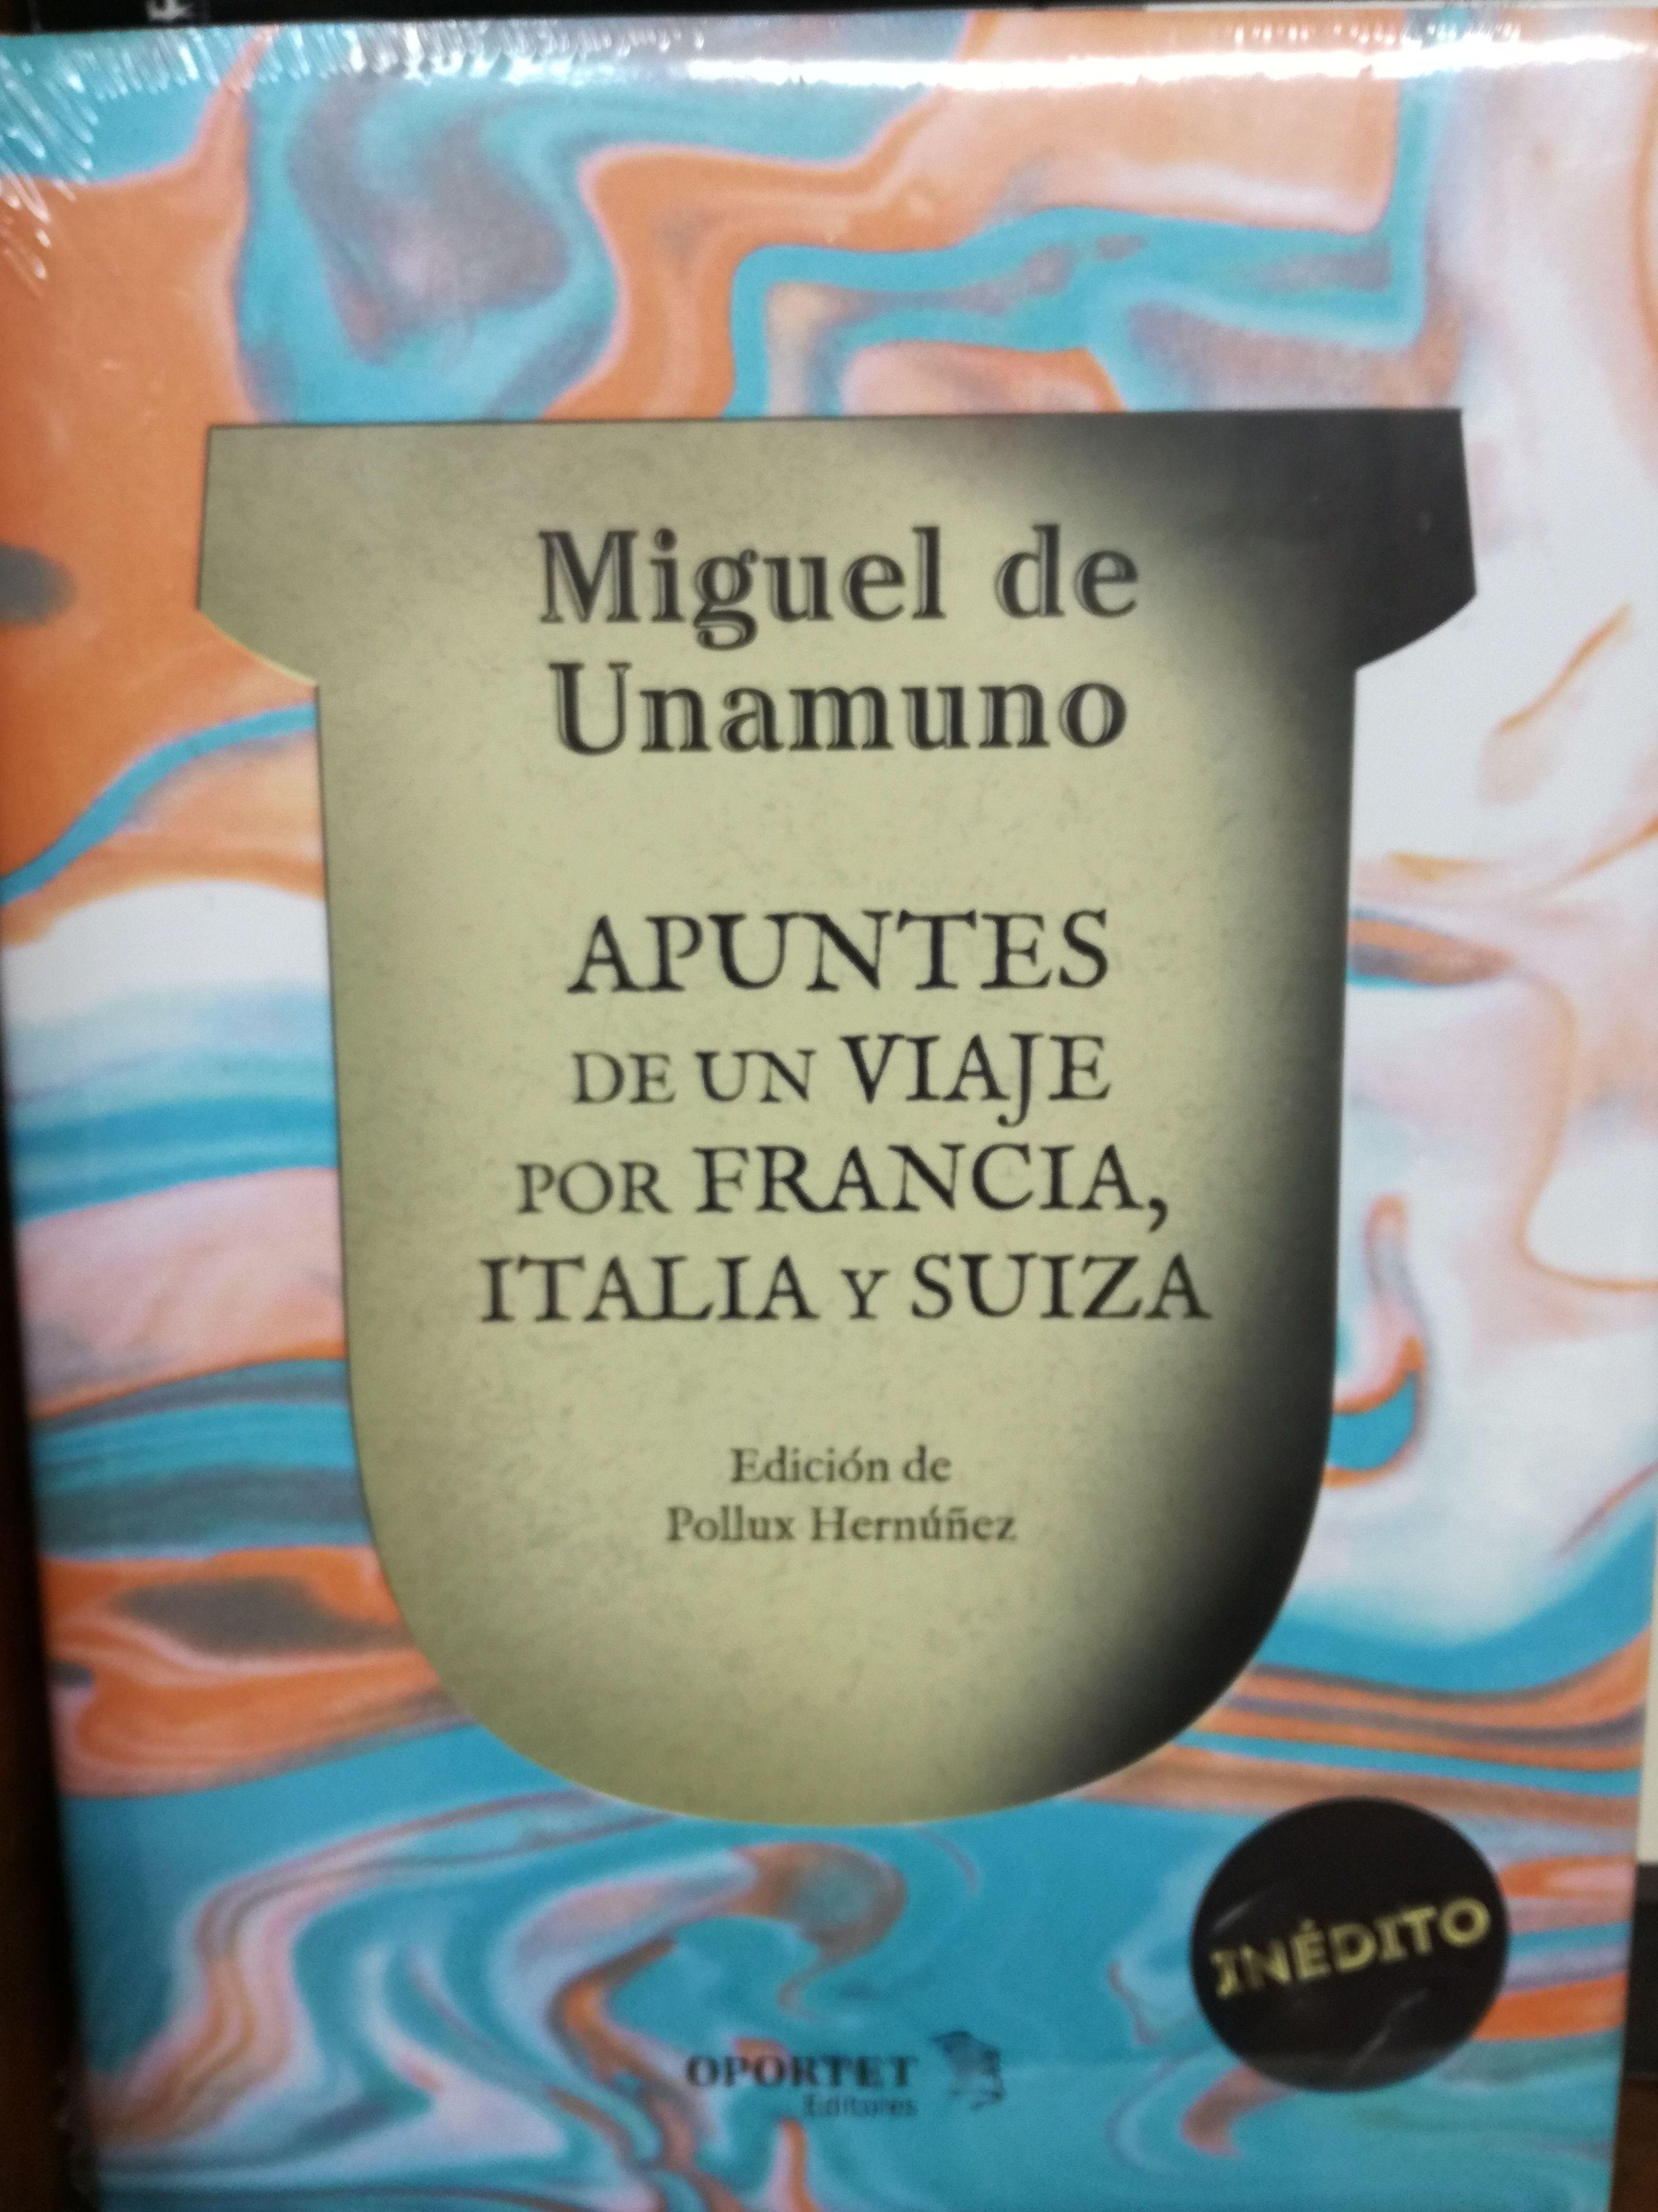 Apuntes de un viaje por Francia, Italia y Suiza: SECCIONES de Librería Nueva Plaza Universitaria